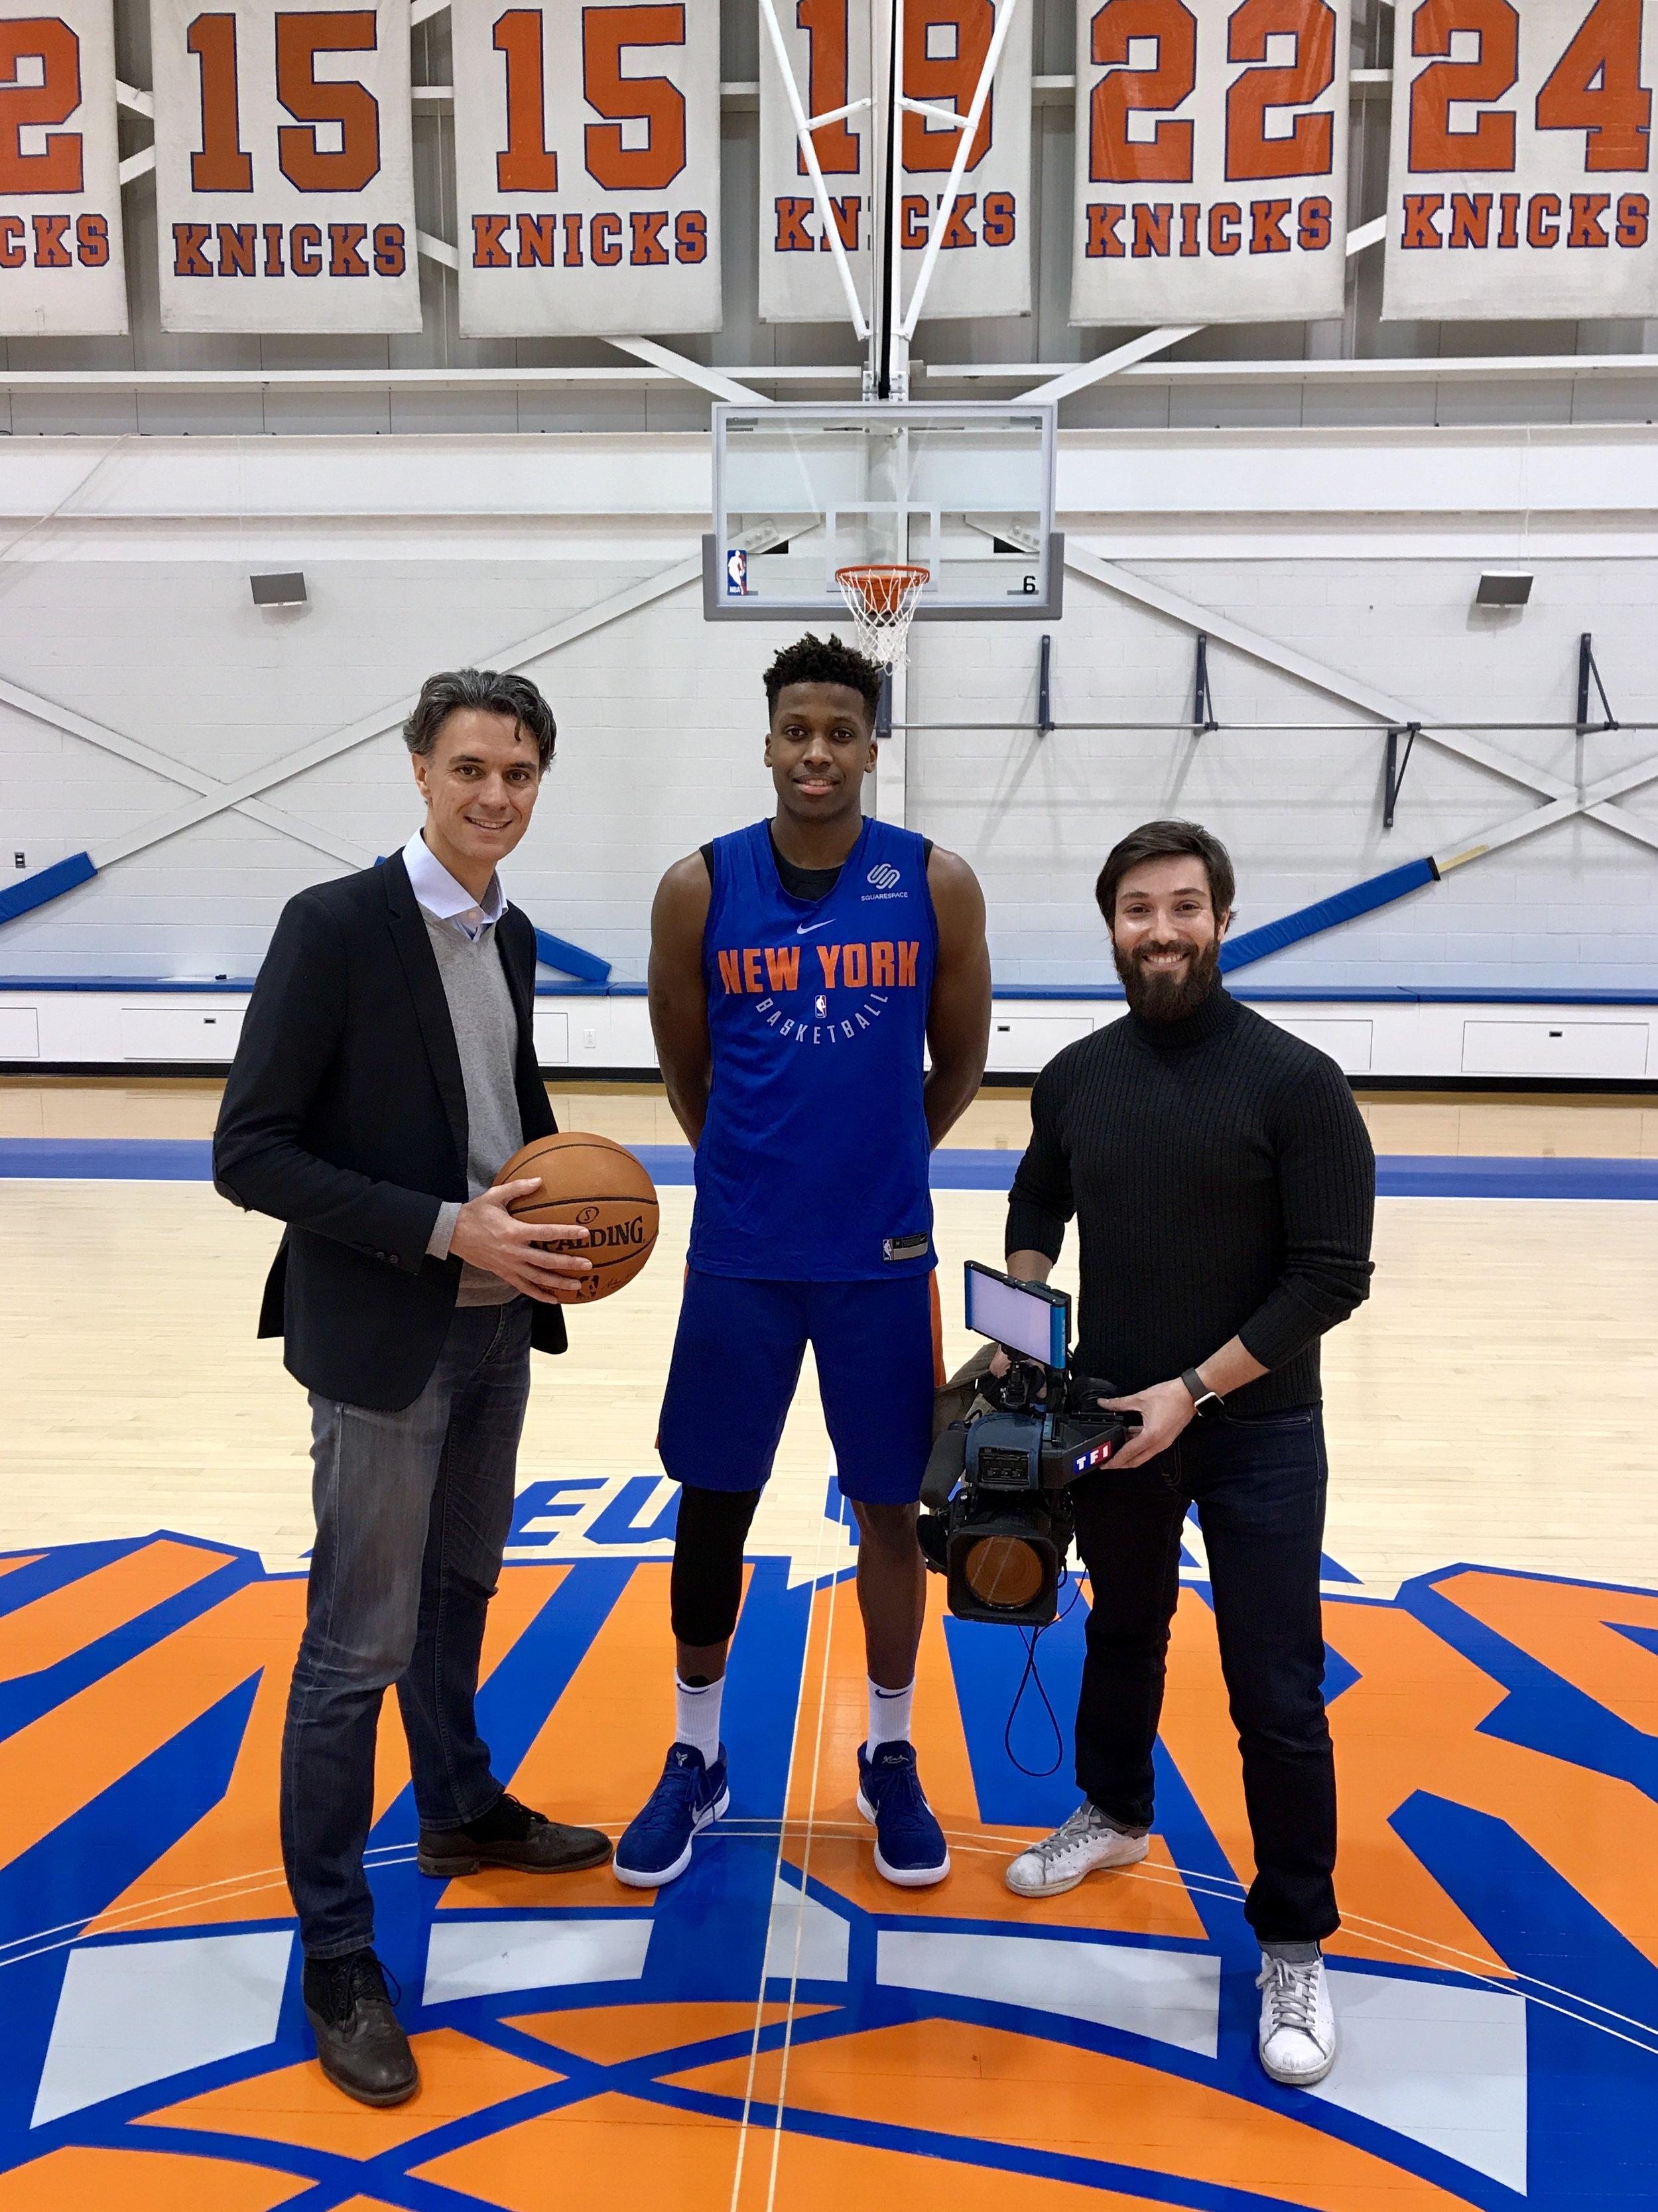 photo-assignment-knicks-basketball.jpg